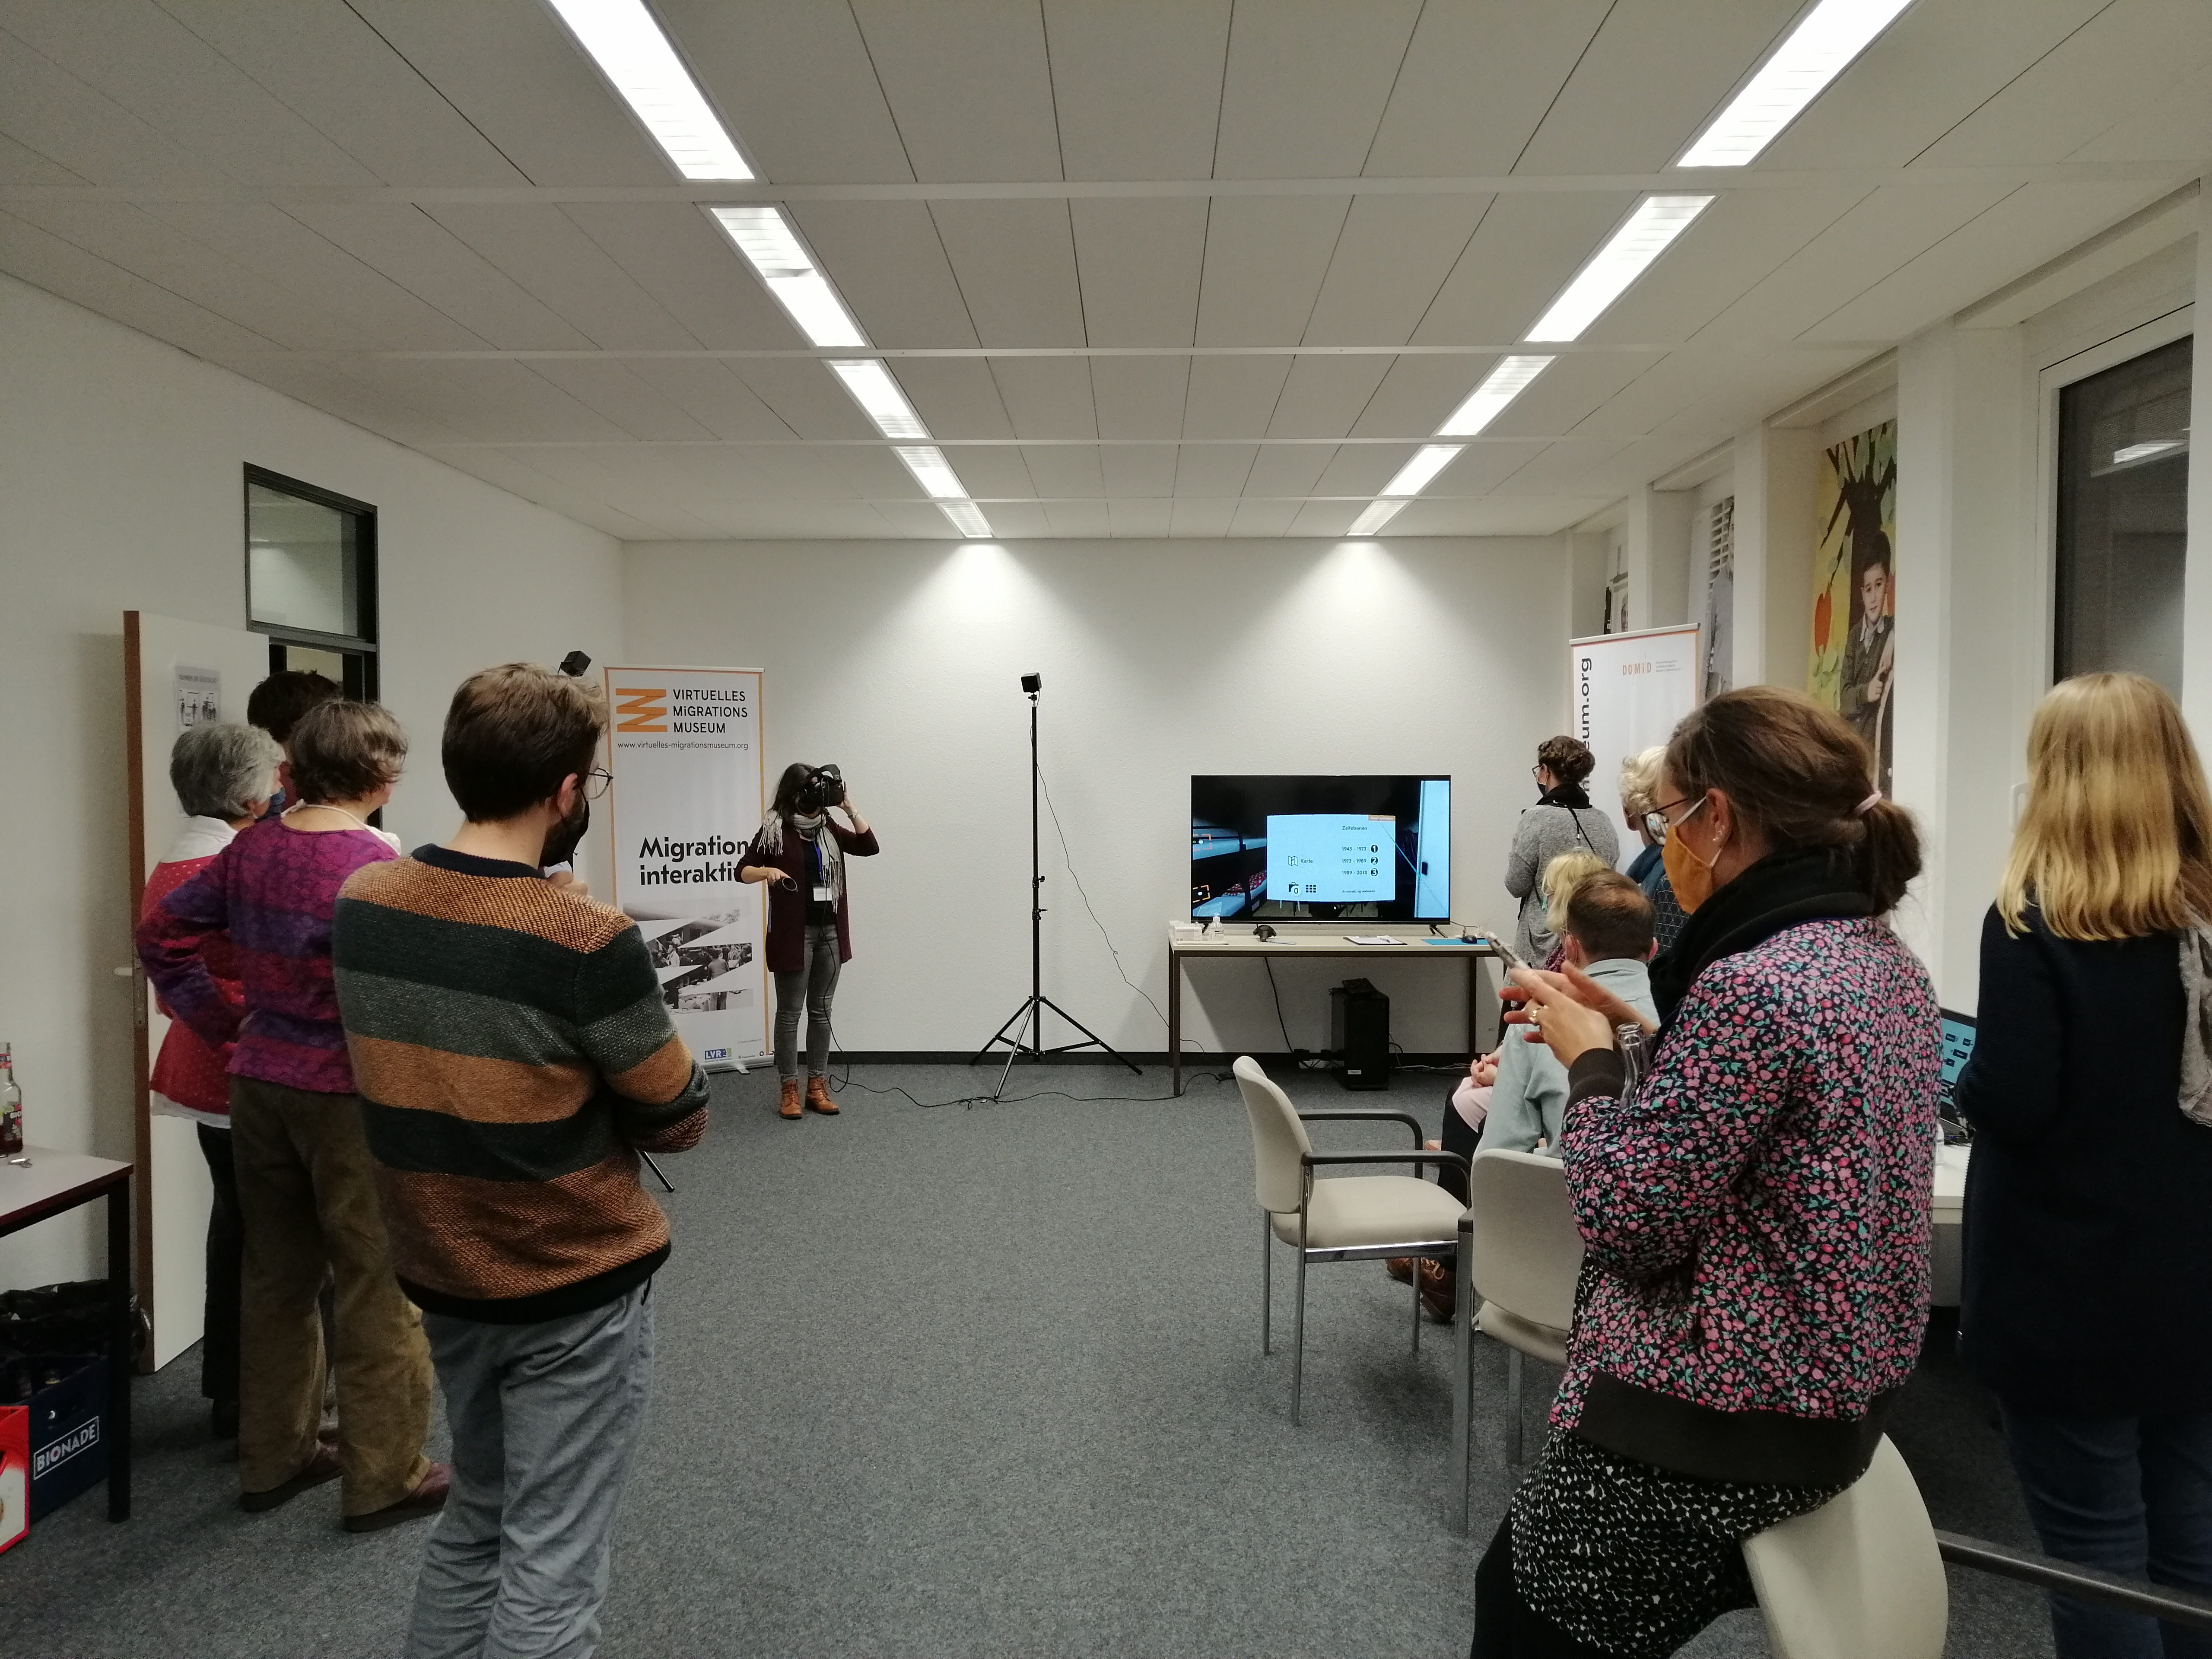 Blick in den Veranstaltungsraum des DOMiD. Am linken und rechten Bildrand verteilt stehen die Teilnehmer*innen und folgen der Präsentation von Sandra Vacca. Sie - hinten links im Bild mit VR-Brille und Steuerung - zeigt über einen Bildschirm wie die Anwendung als Virtual Reality-Angebot funktioniert.